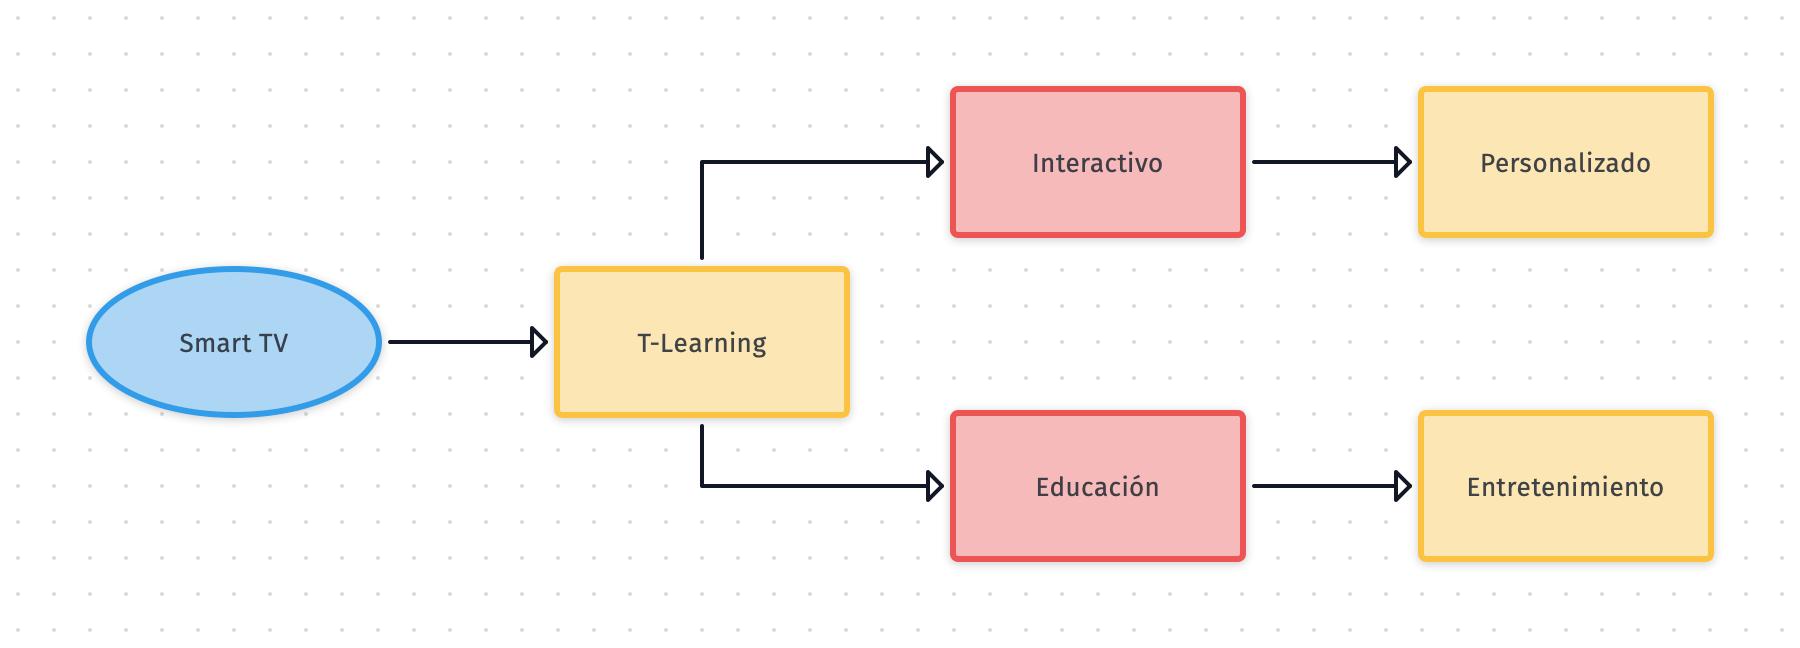 diagrama de t-learning